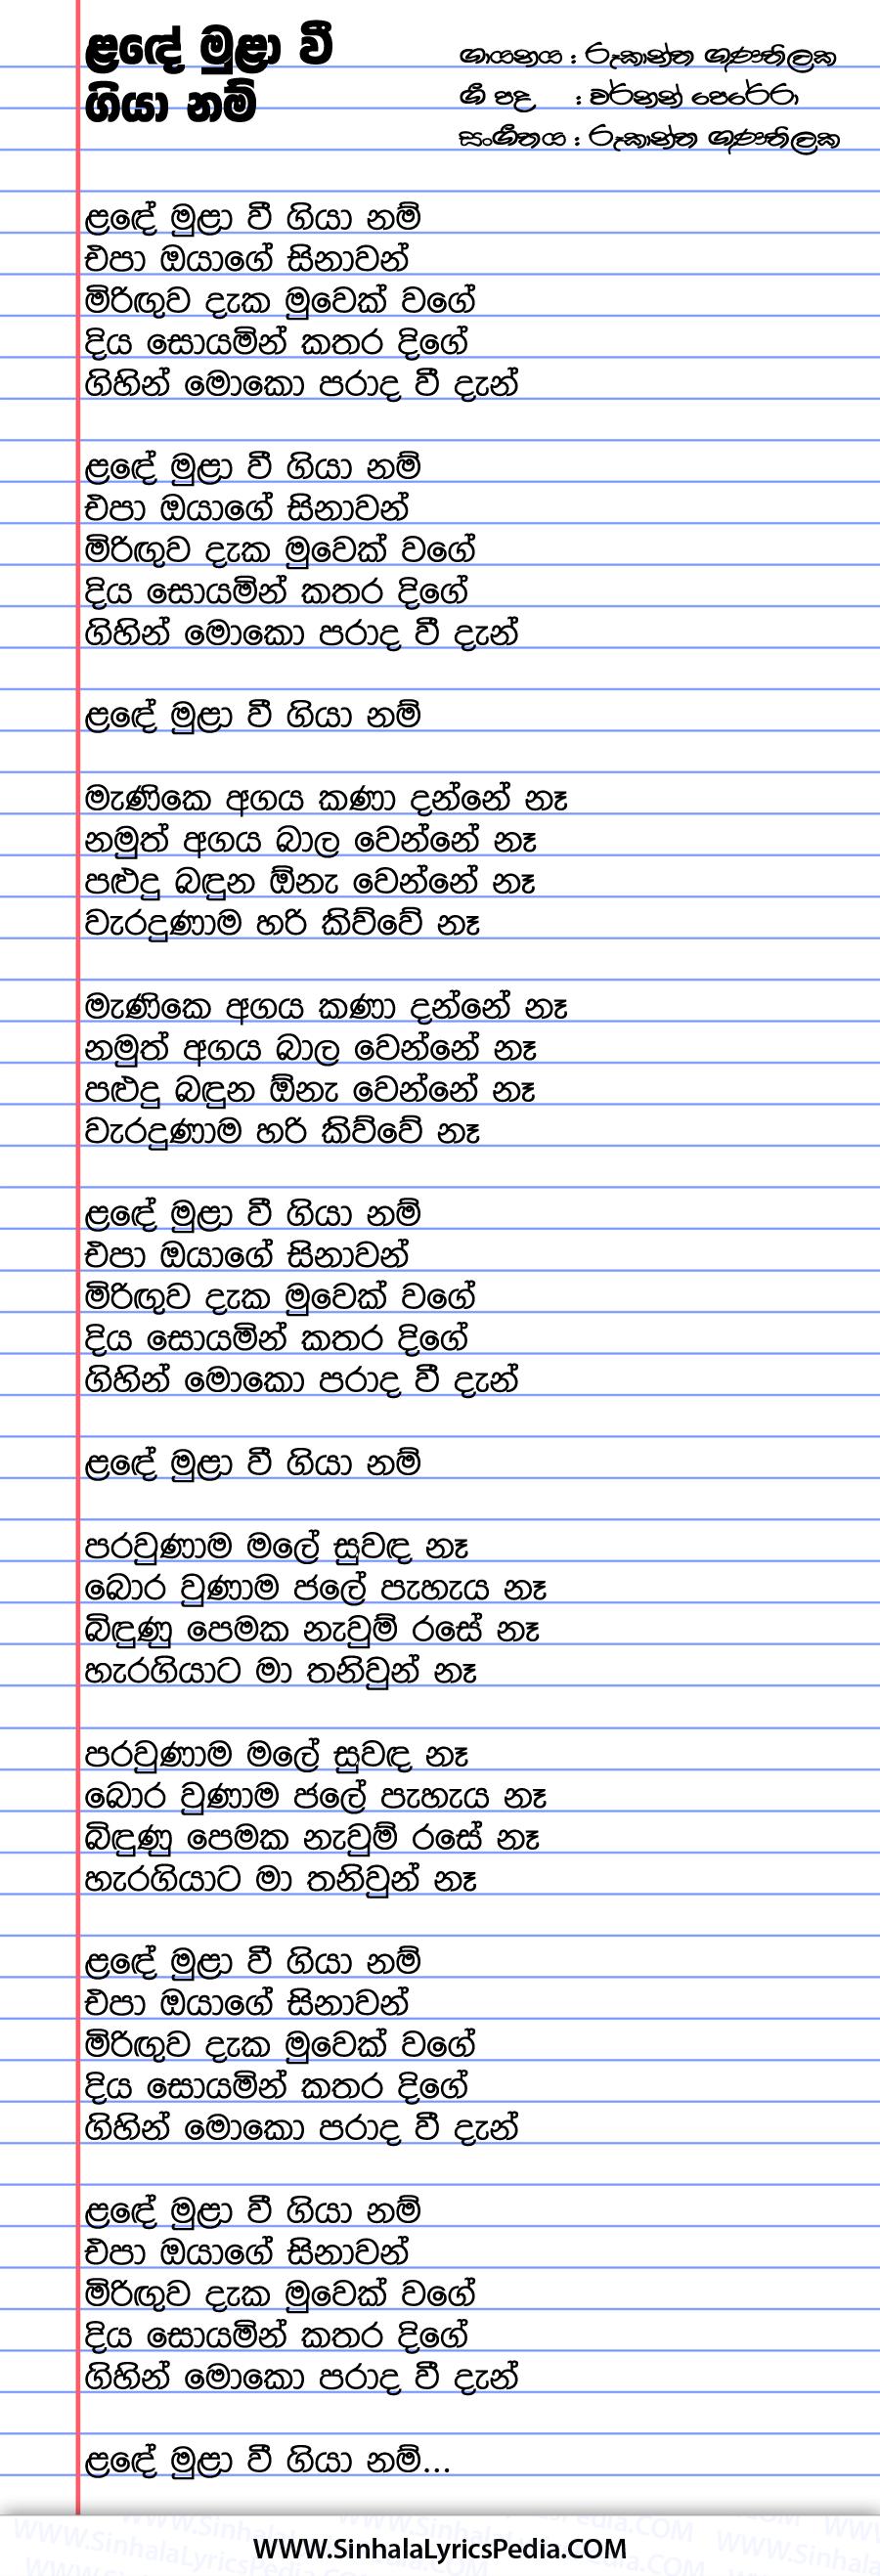 Lande Mula Wee Giya Nam Song Lyrics